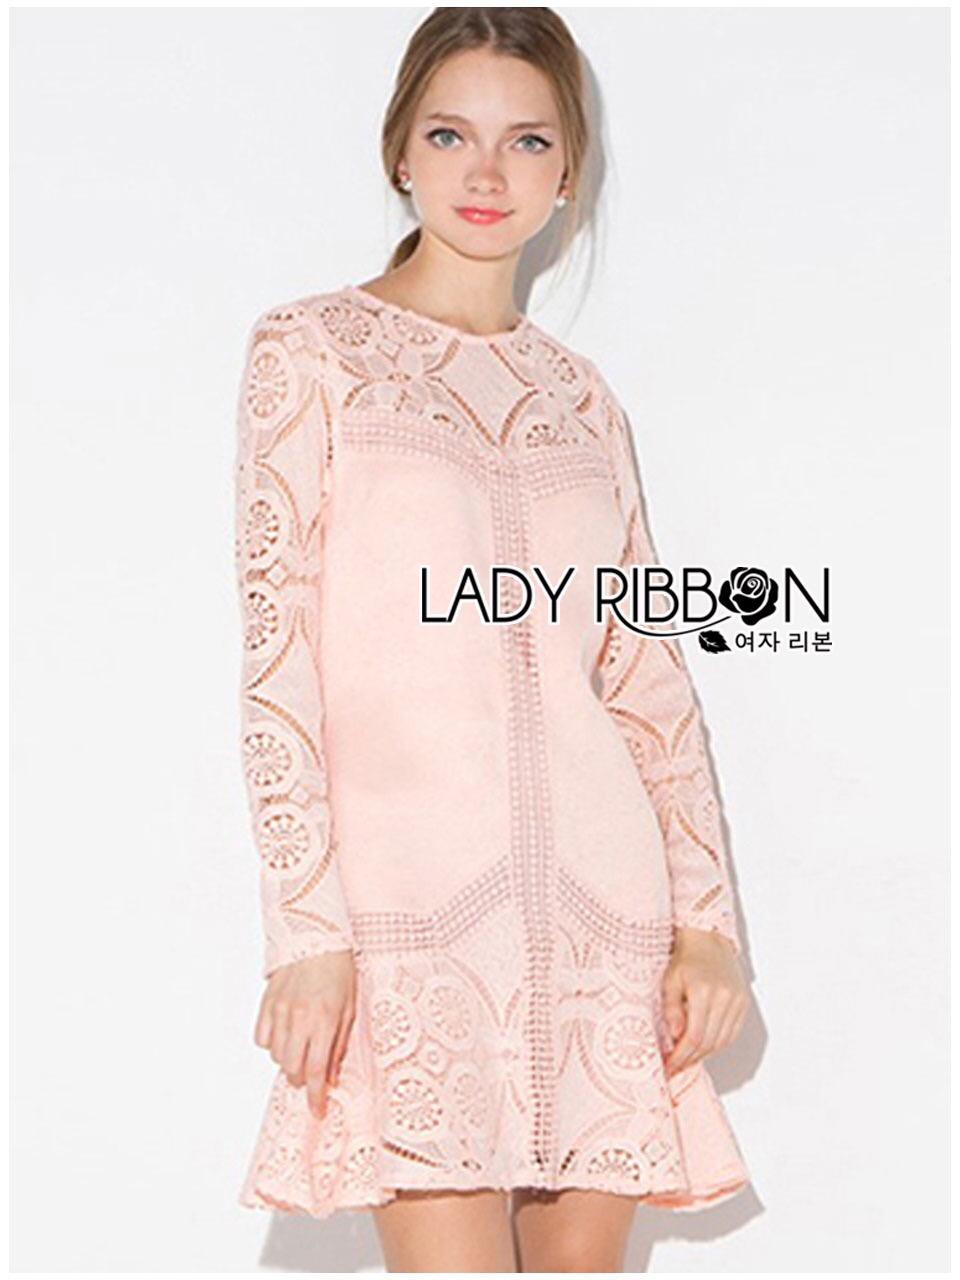 Lady Ribbon's Made &#x1F380 Lady